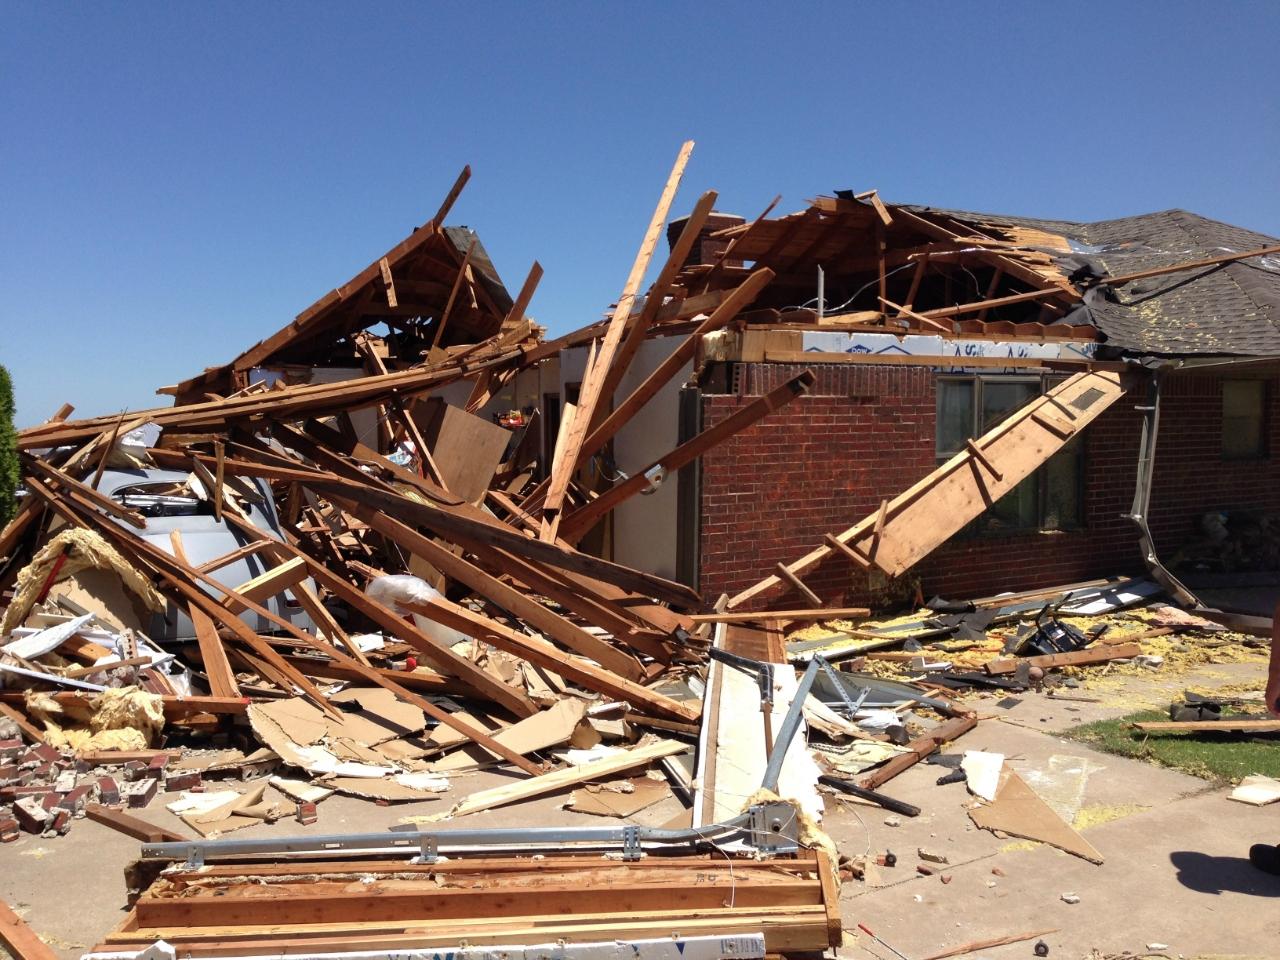 The May 31 2013 El Reno Ok Tornado